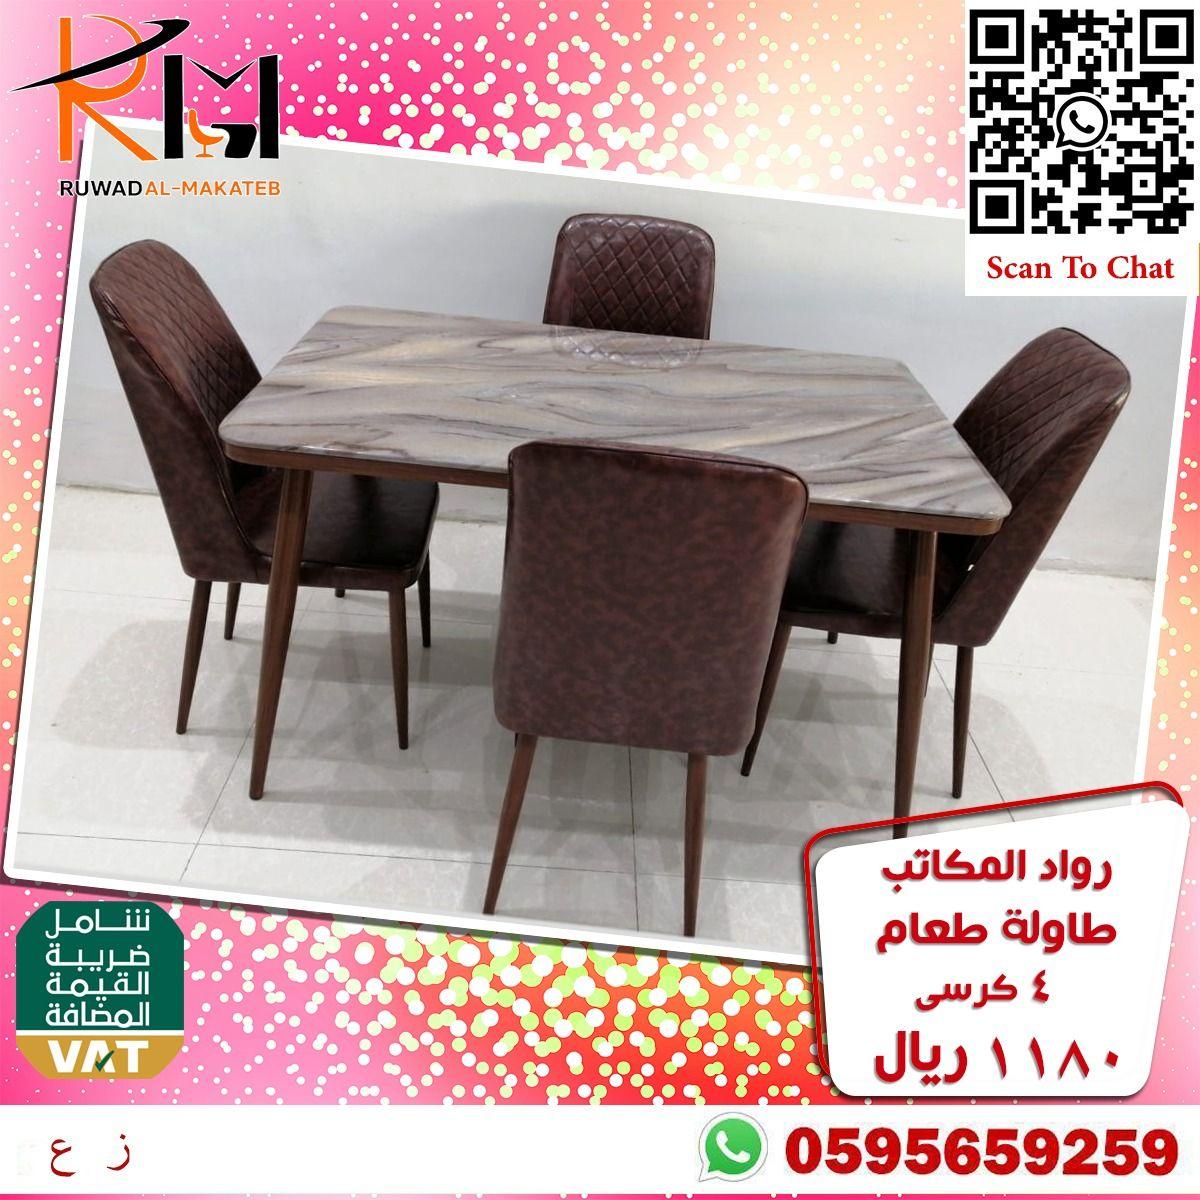 طاولة طعام ٤ اشخاص بني مودرن In 2021 Dining Table Table Home Decor